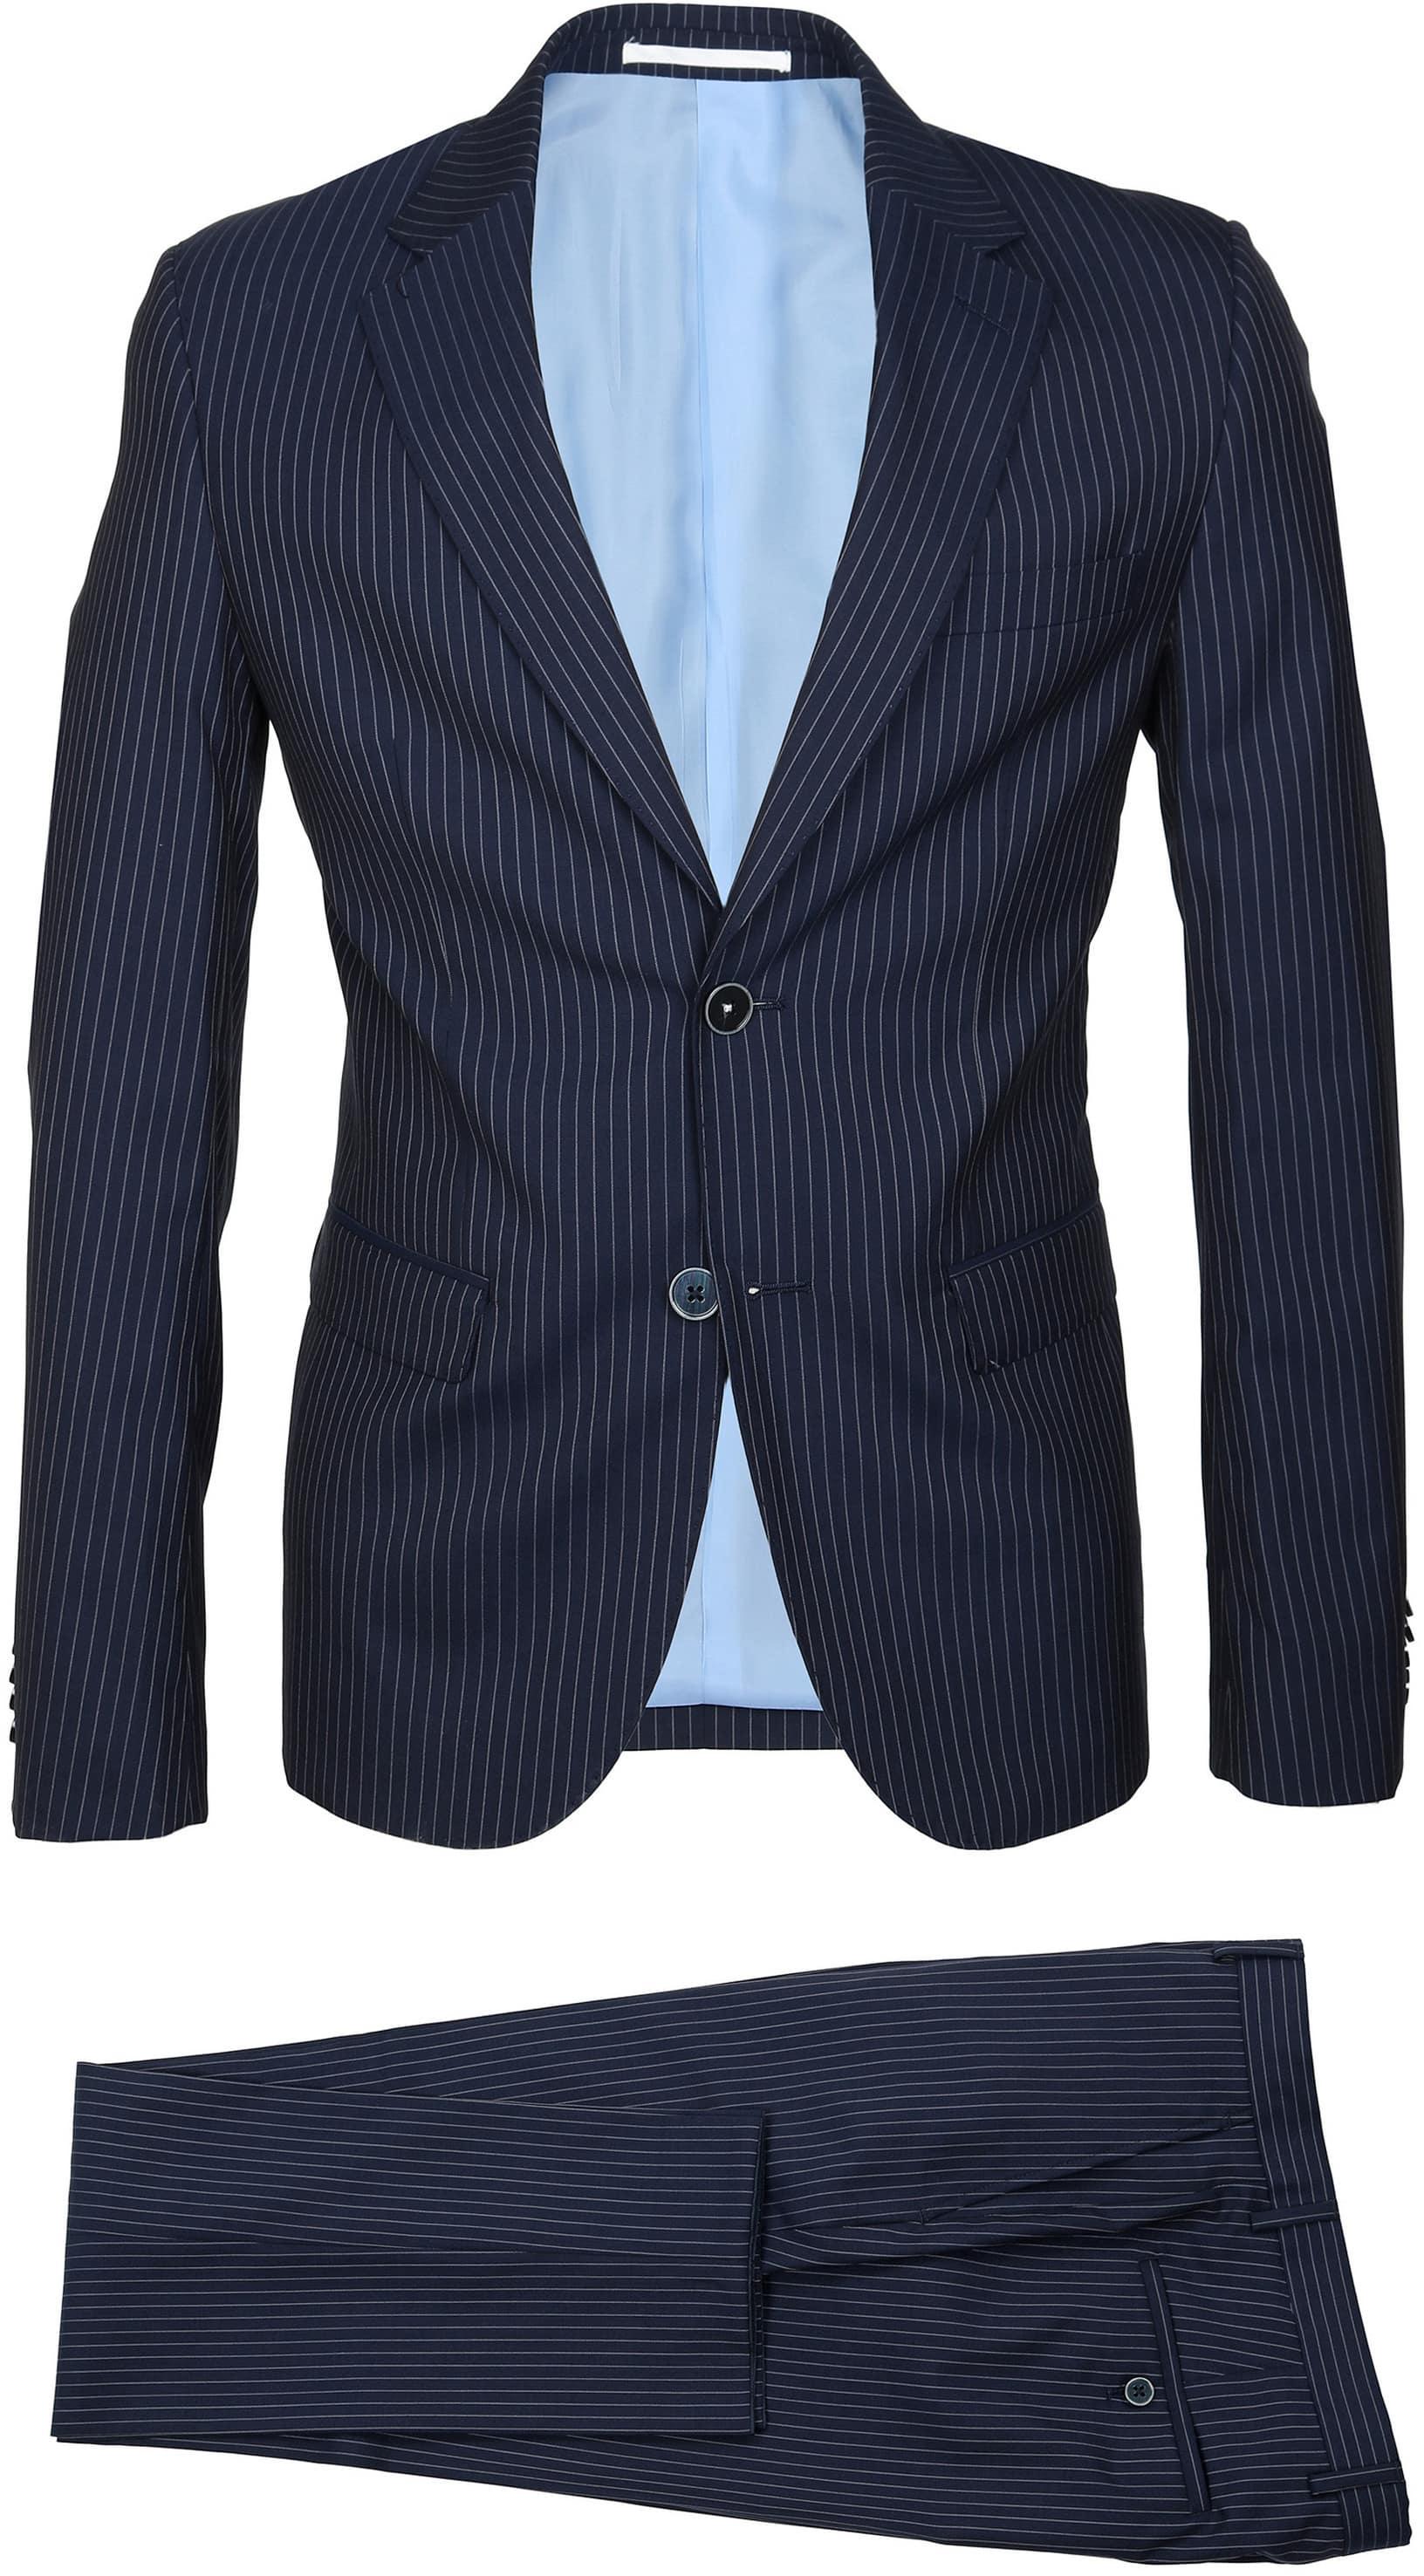 Suitable Suit Strato Stripe Navy foto 1